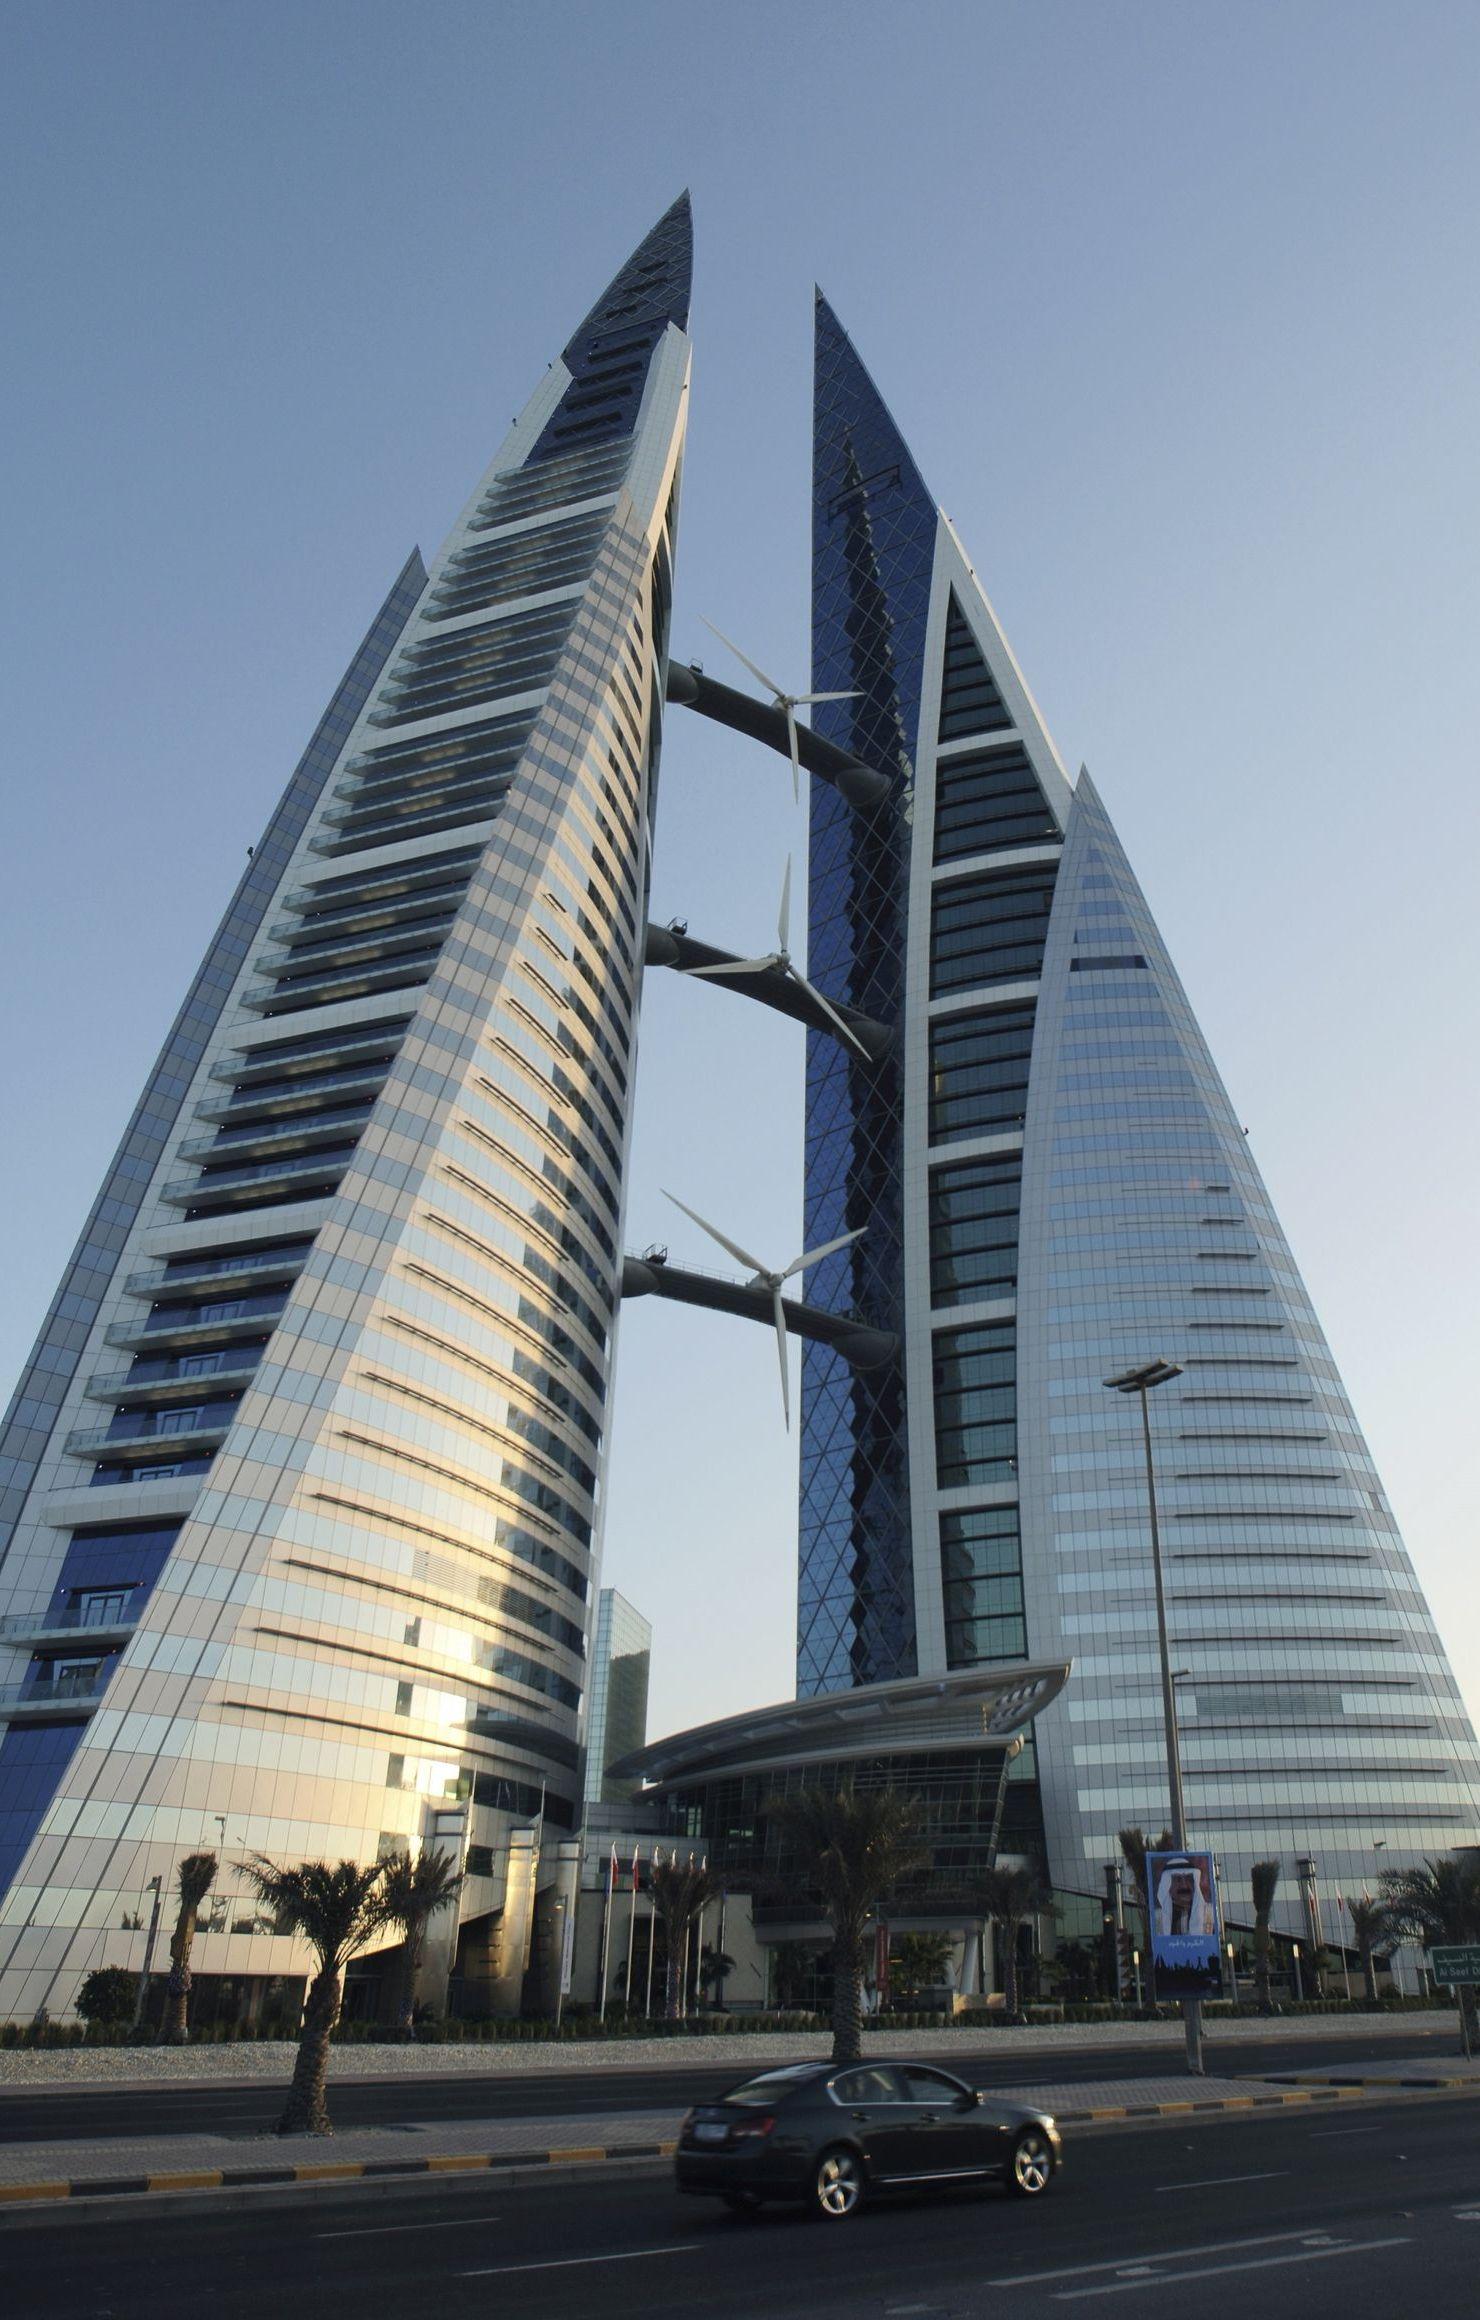 triangle skyscraper bahrain trade center modern architecture retina